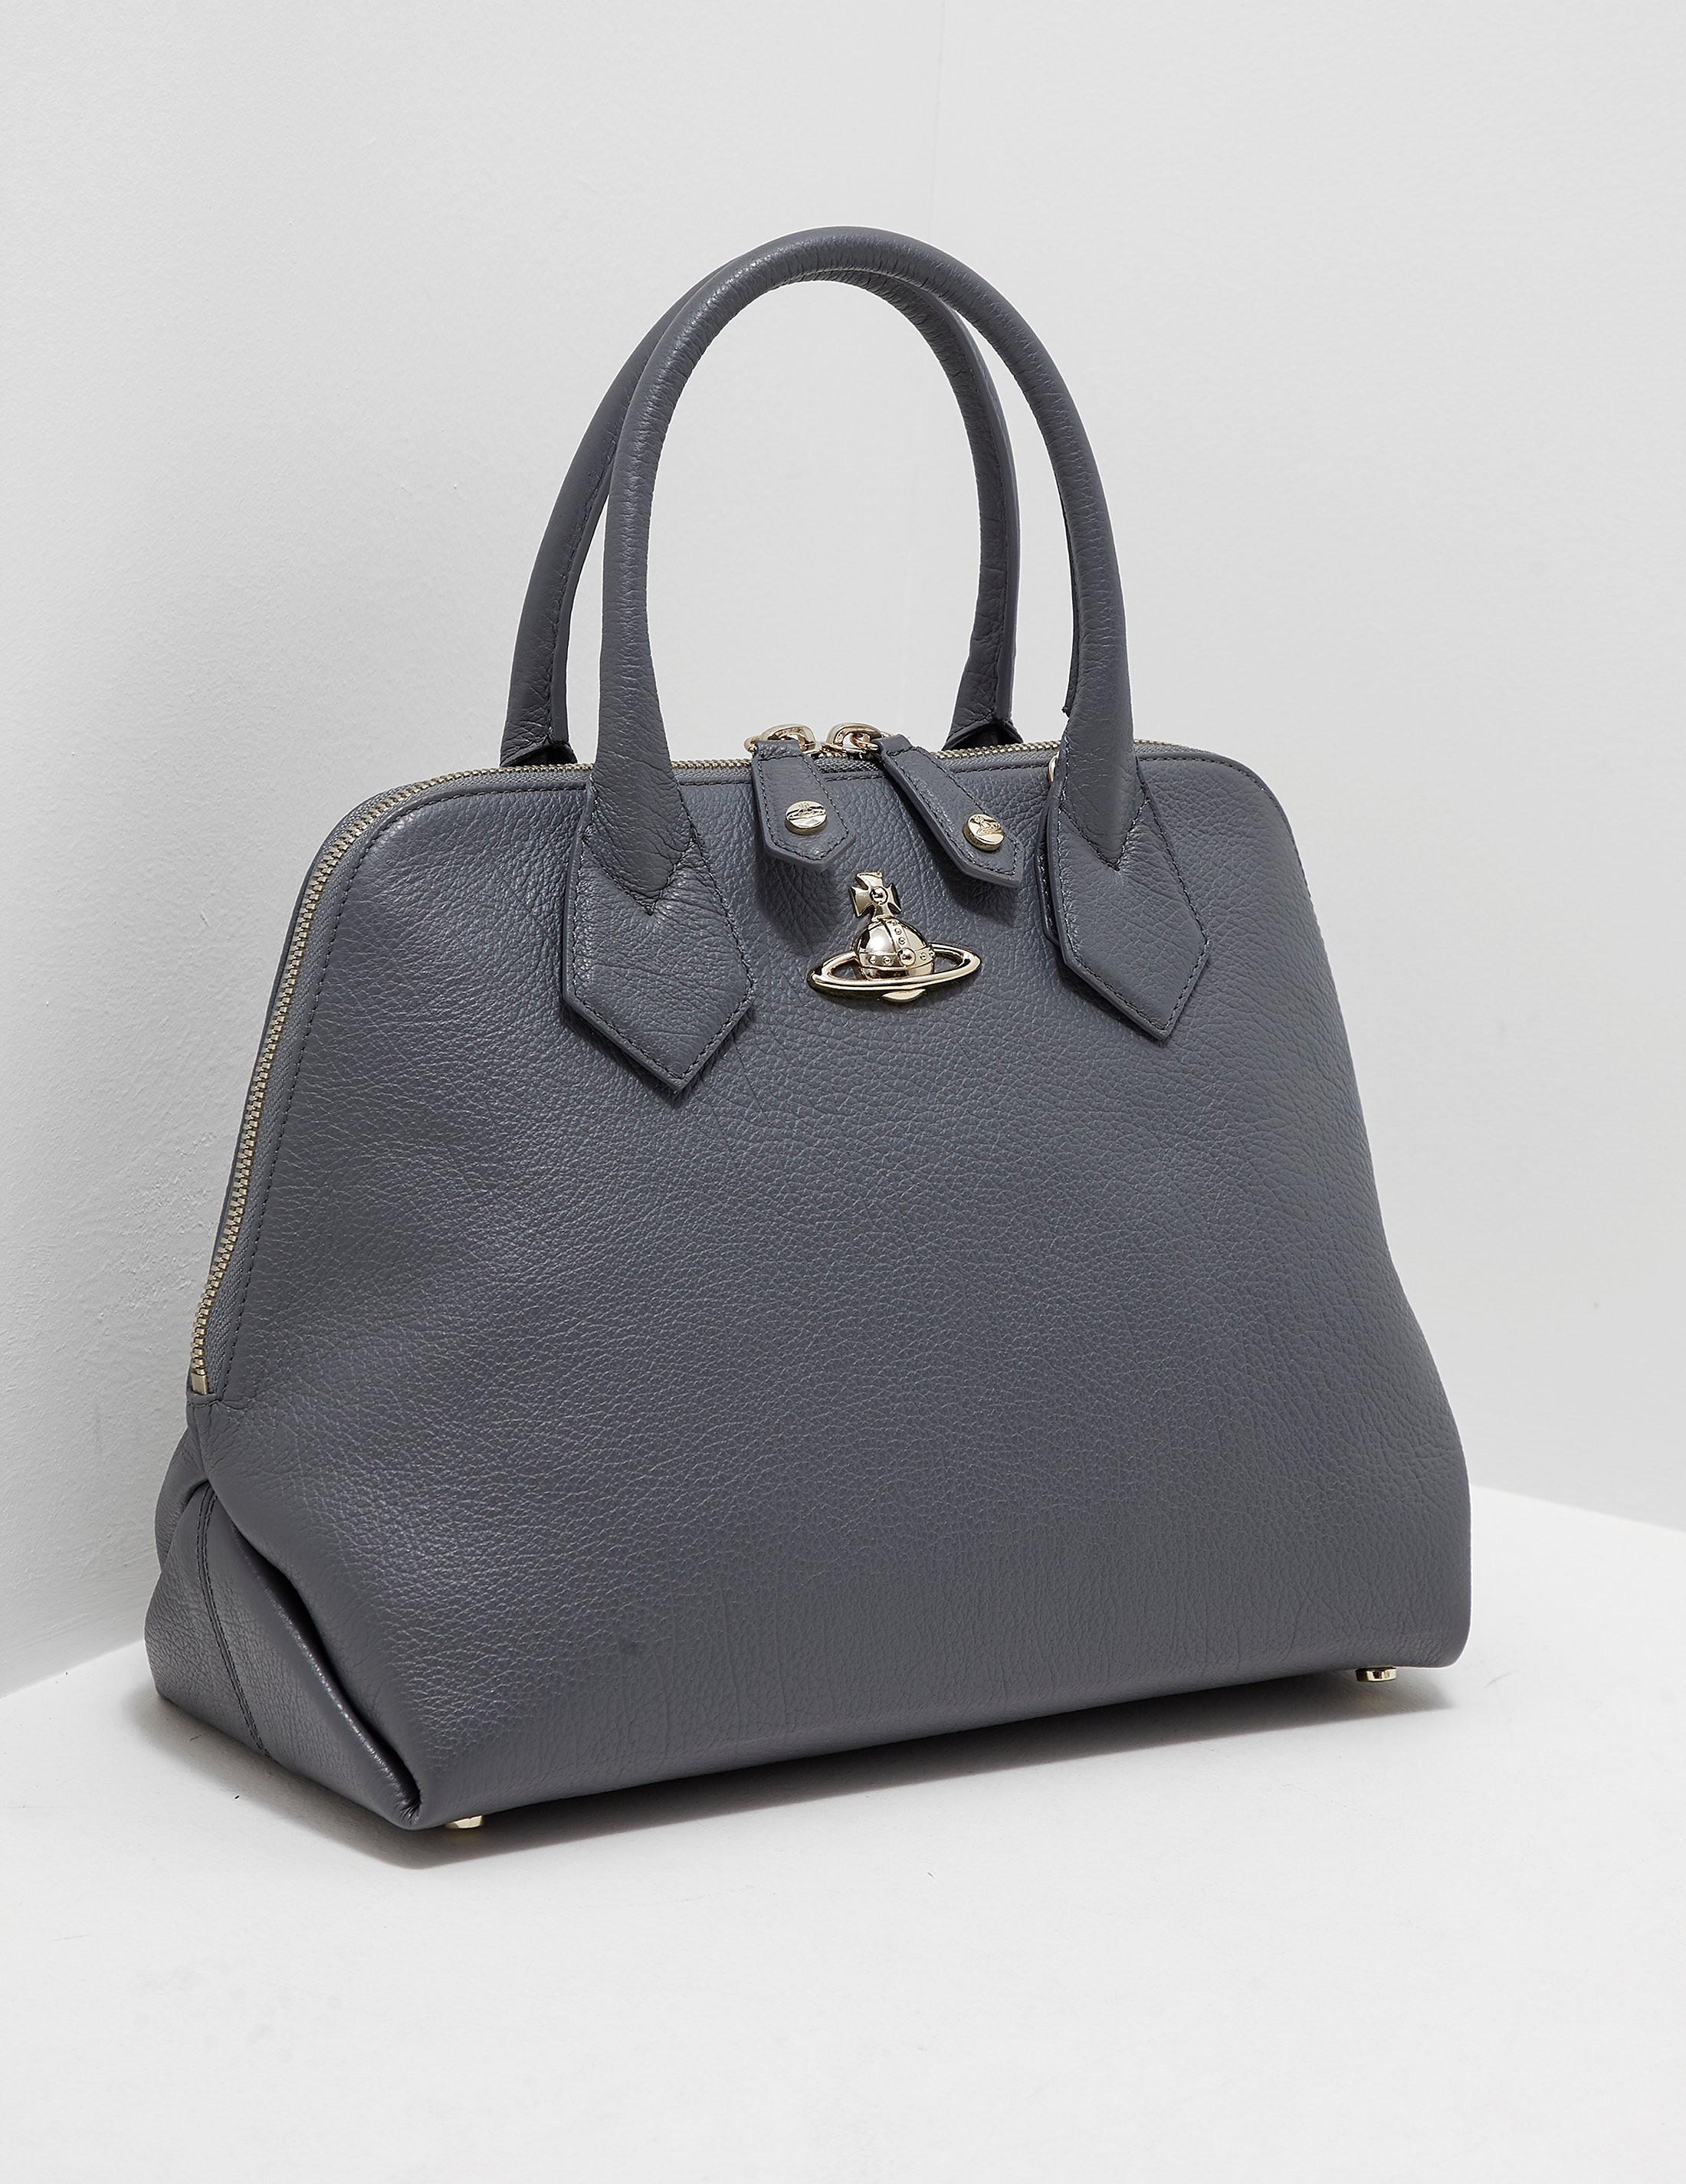 Vivienne Westwood Balmoral Large Dome Bag